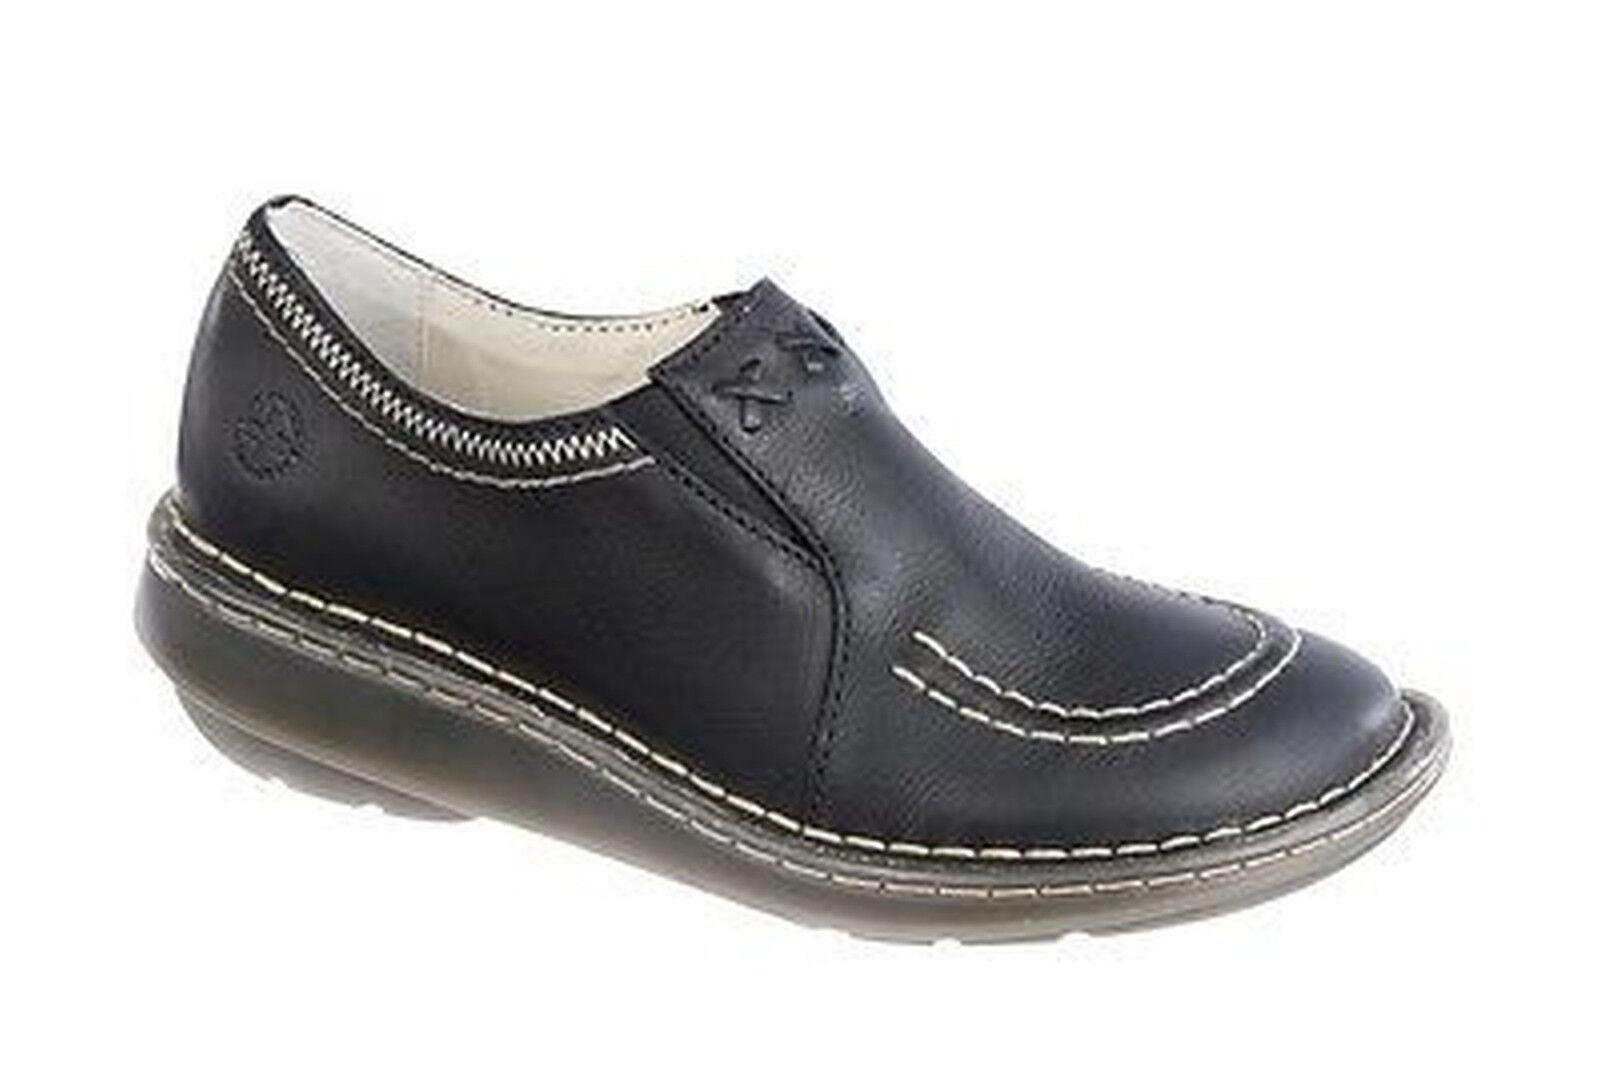 Dr. Martens 13273001 susan-basses-Boots 13273001 Martens Black 5aac68